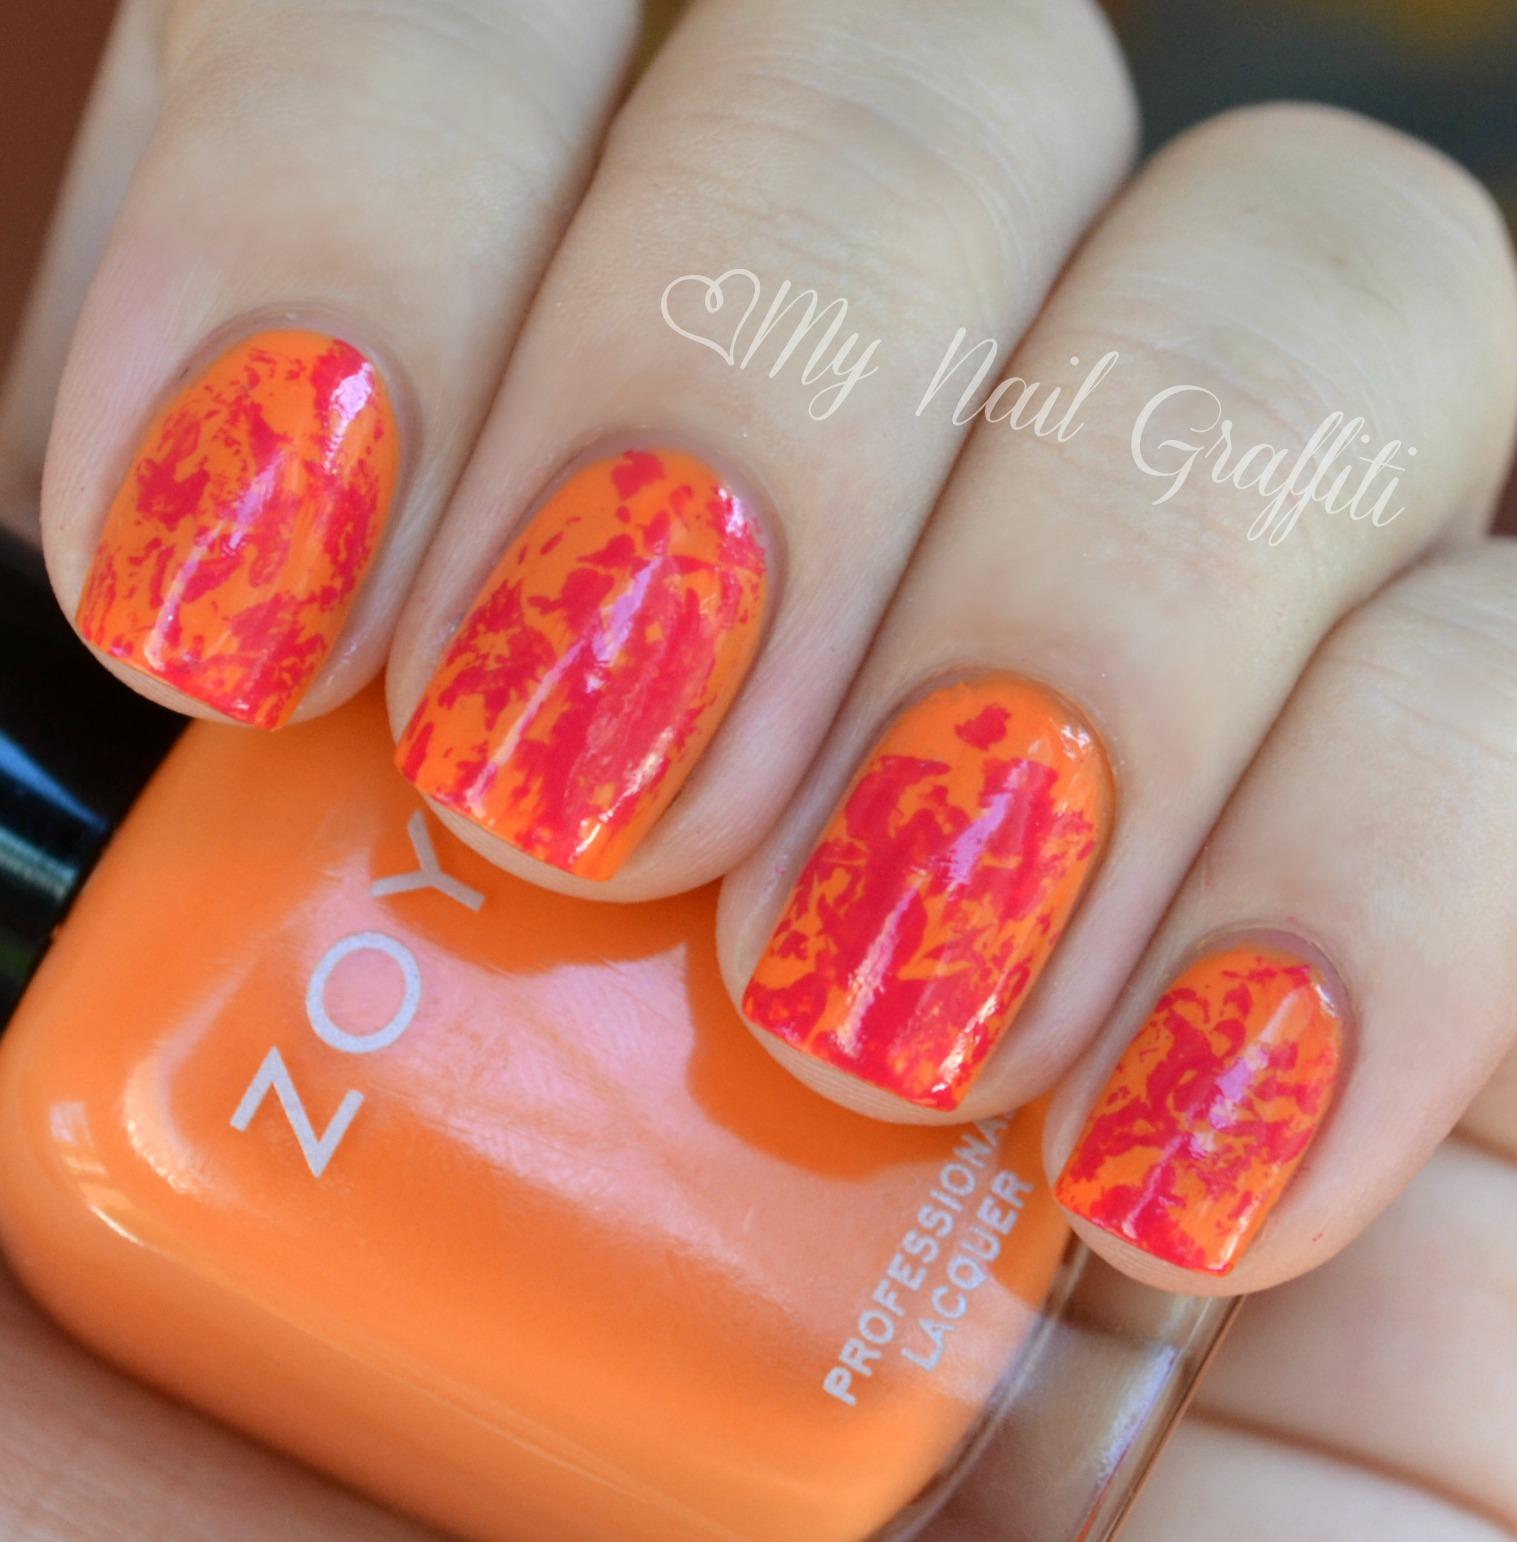 nails views: Saran Wrap Nail Art + Baby Nails!